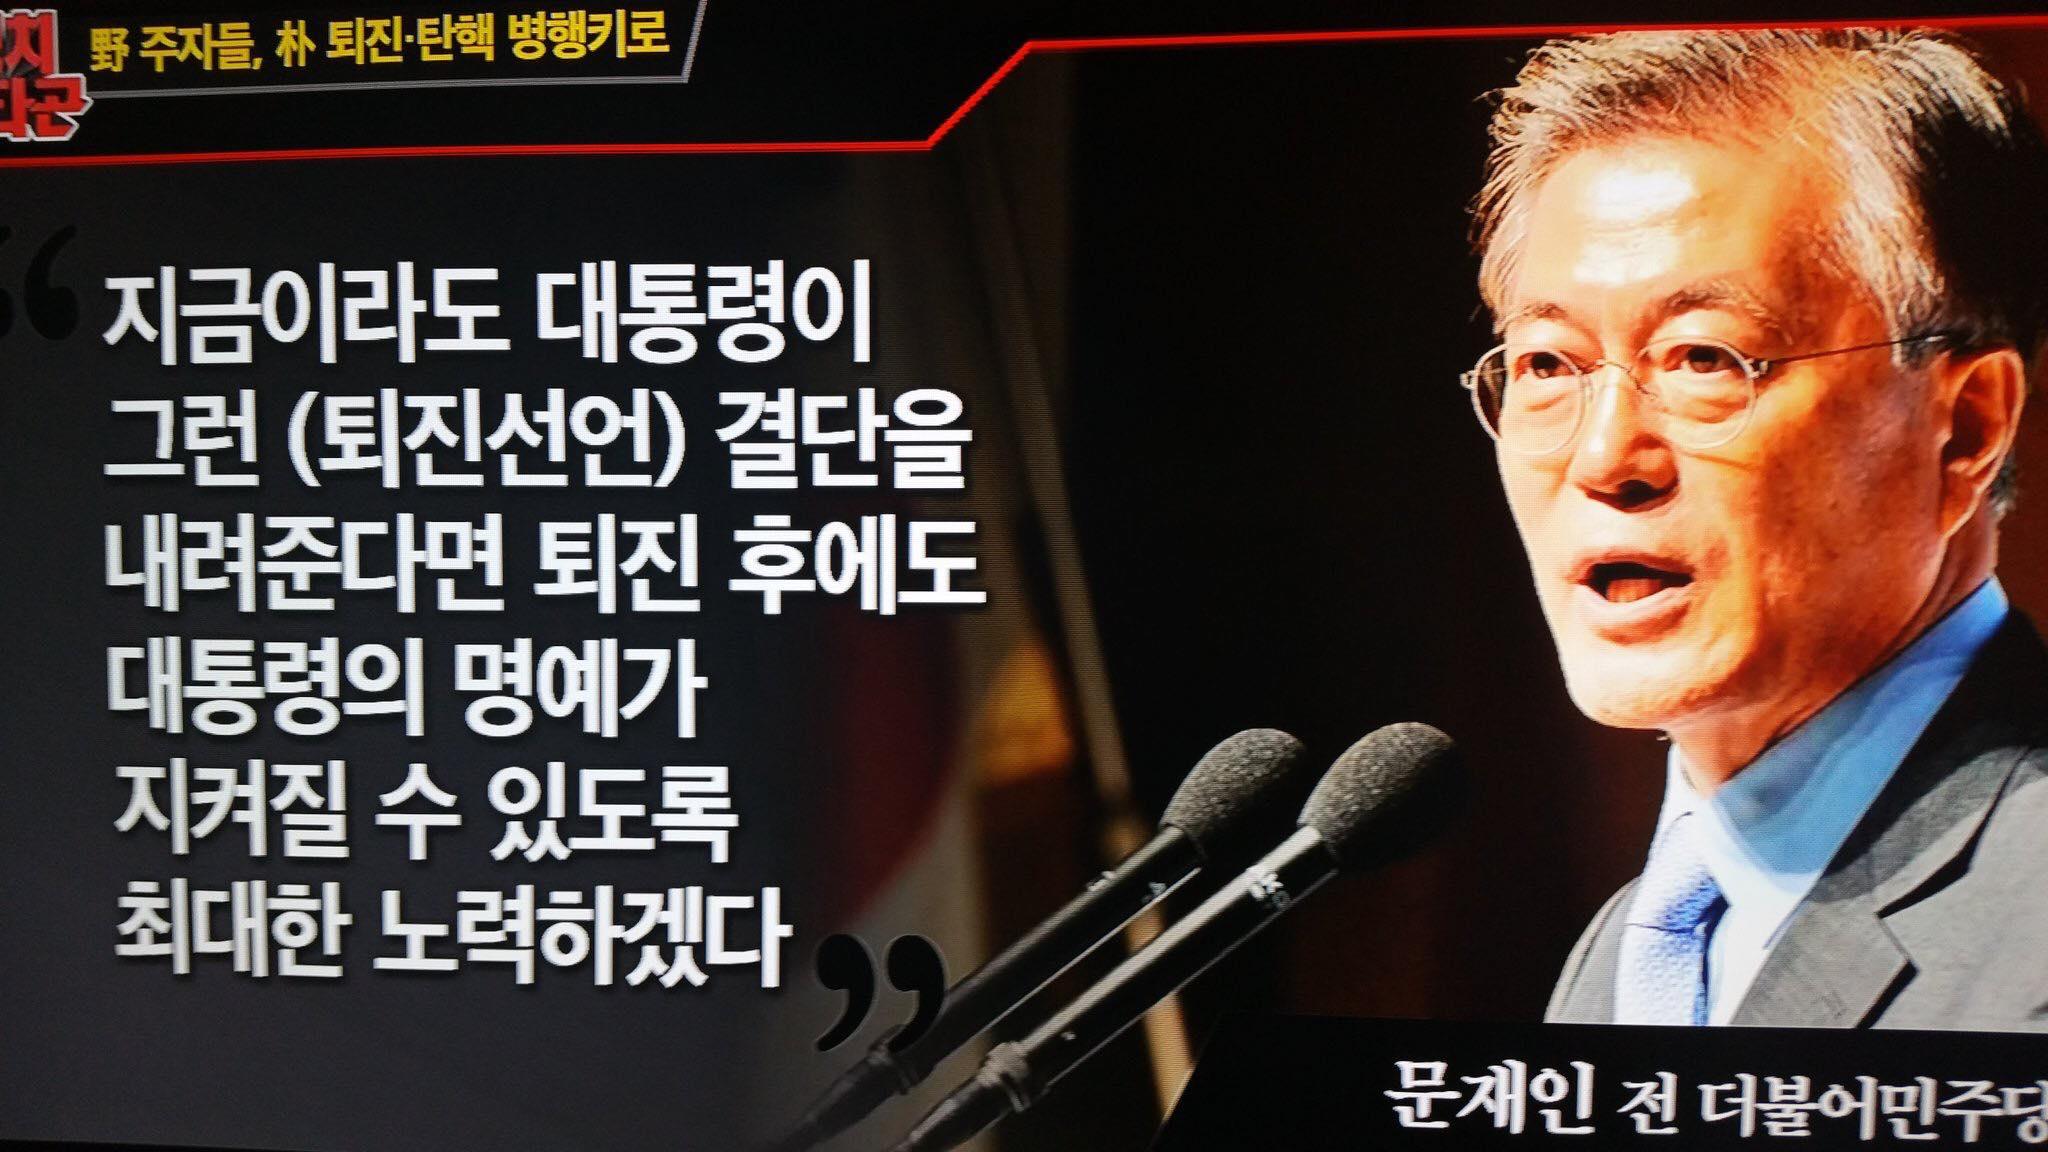 """""""박근혜 결단하면 퇴진 후 명예 지켜주겠다"""" 문재인 대통령?"""